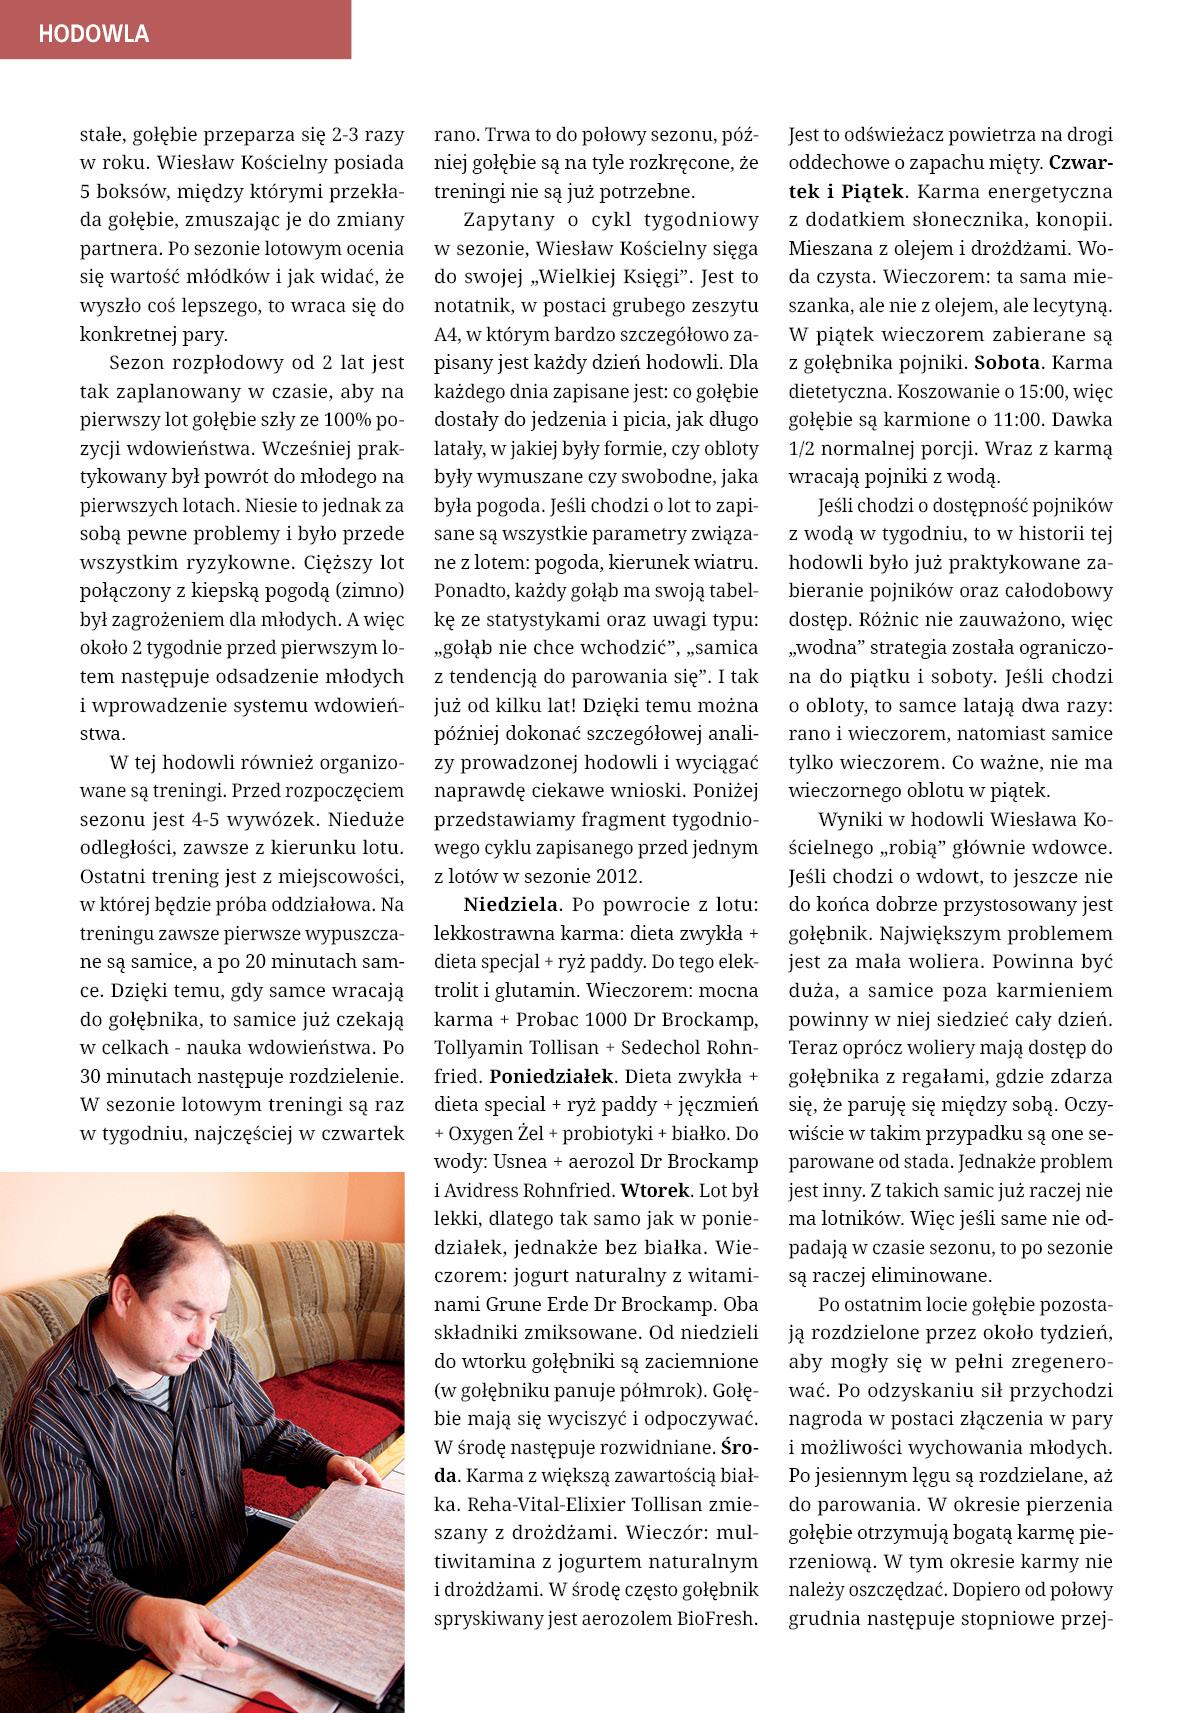 Darmowy numer specjalny Poradnika Hodowcy 2014 - strona 16